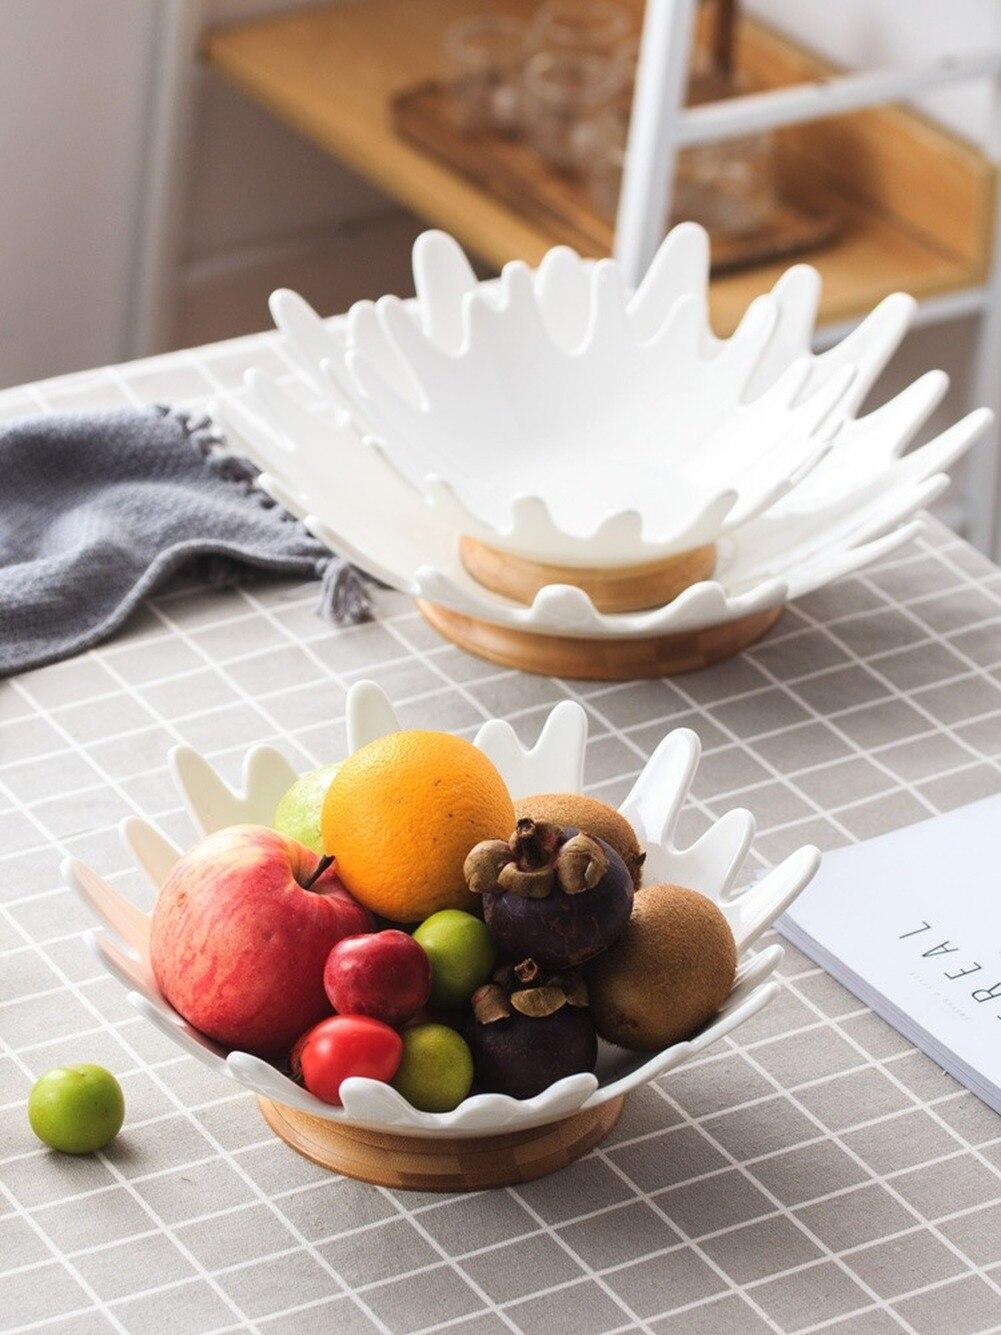 Simple céramique fruits panier maison Table décoration fruits assiette salon stockage panier bambou socle plat plats